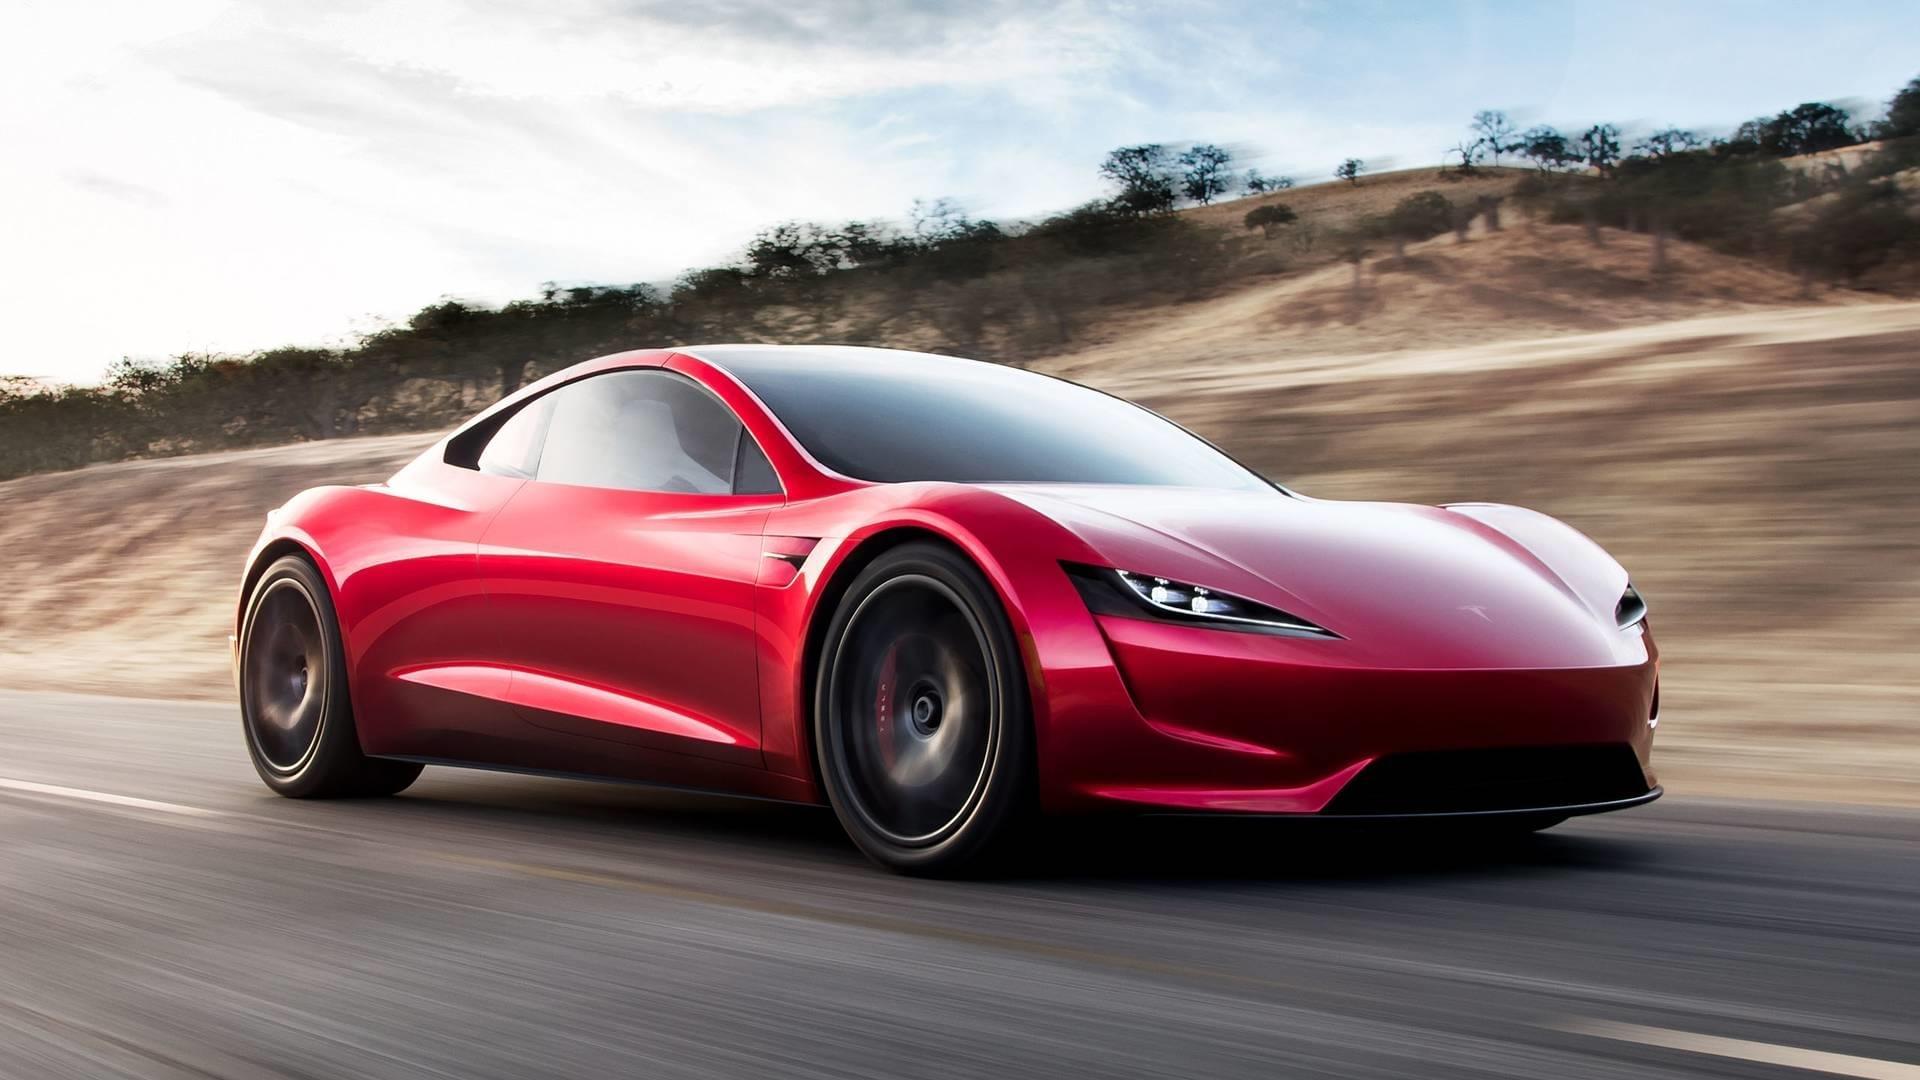 133万 特斯拉新款超跑Roadster在华接受预定